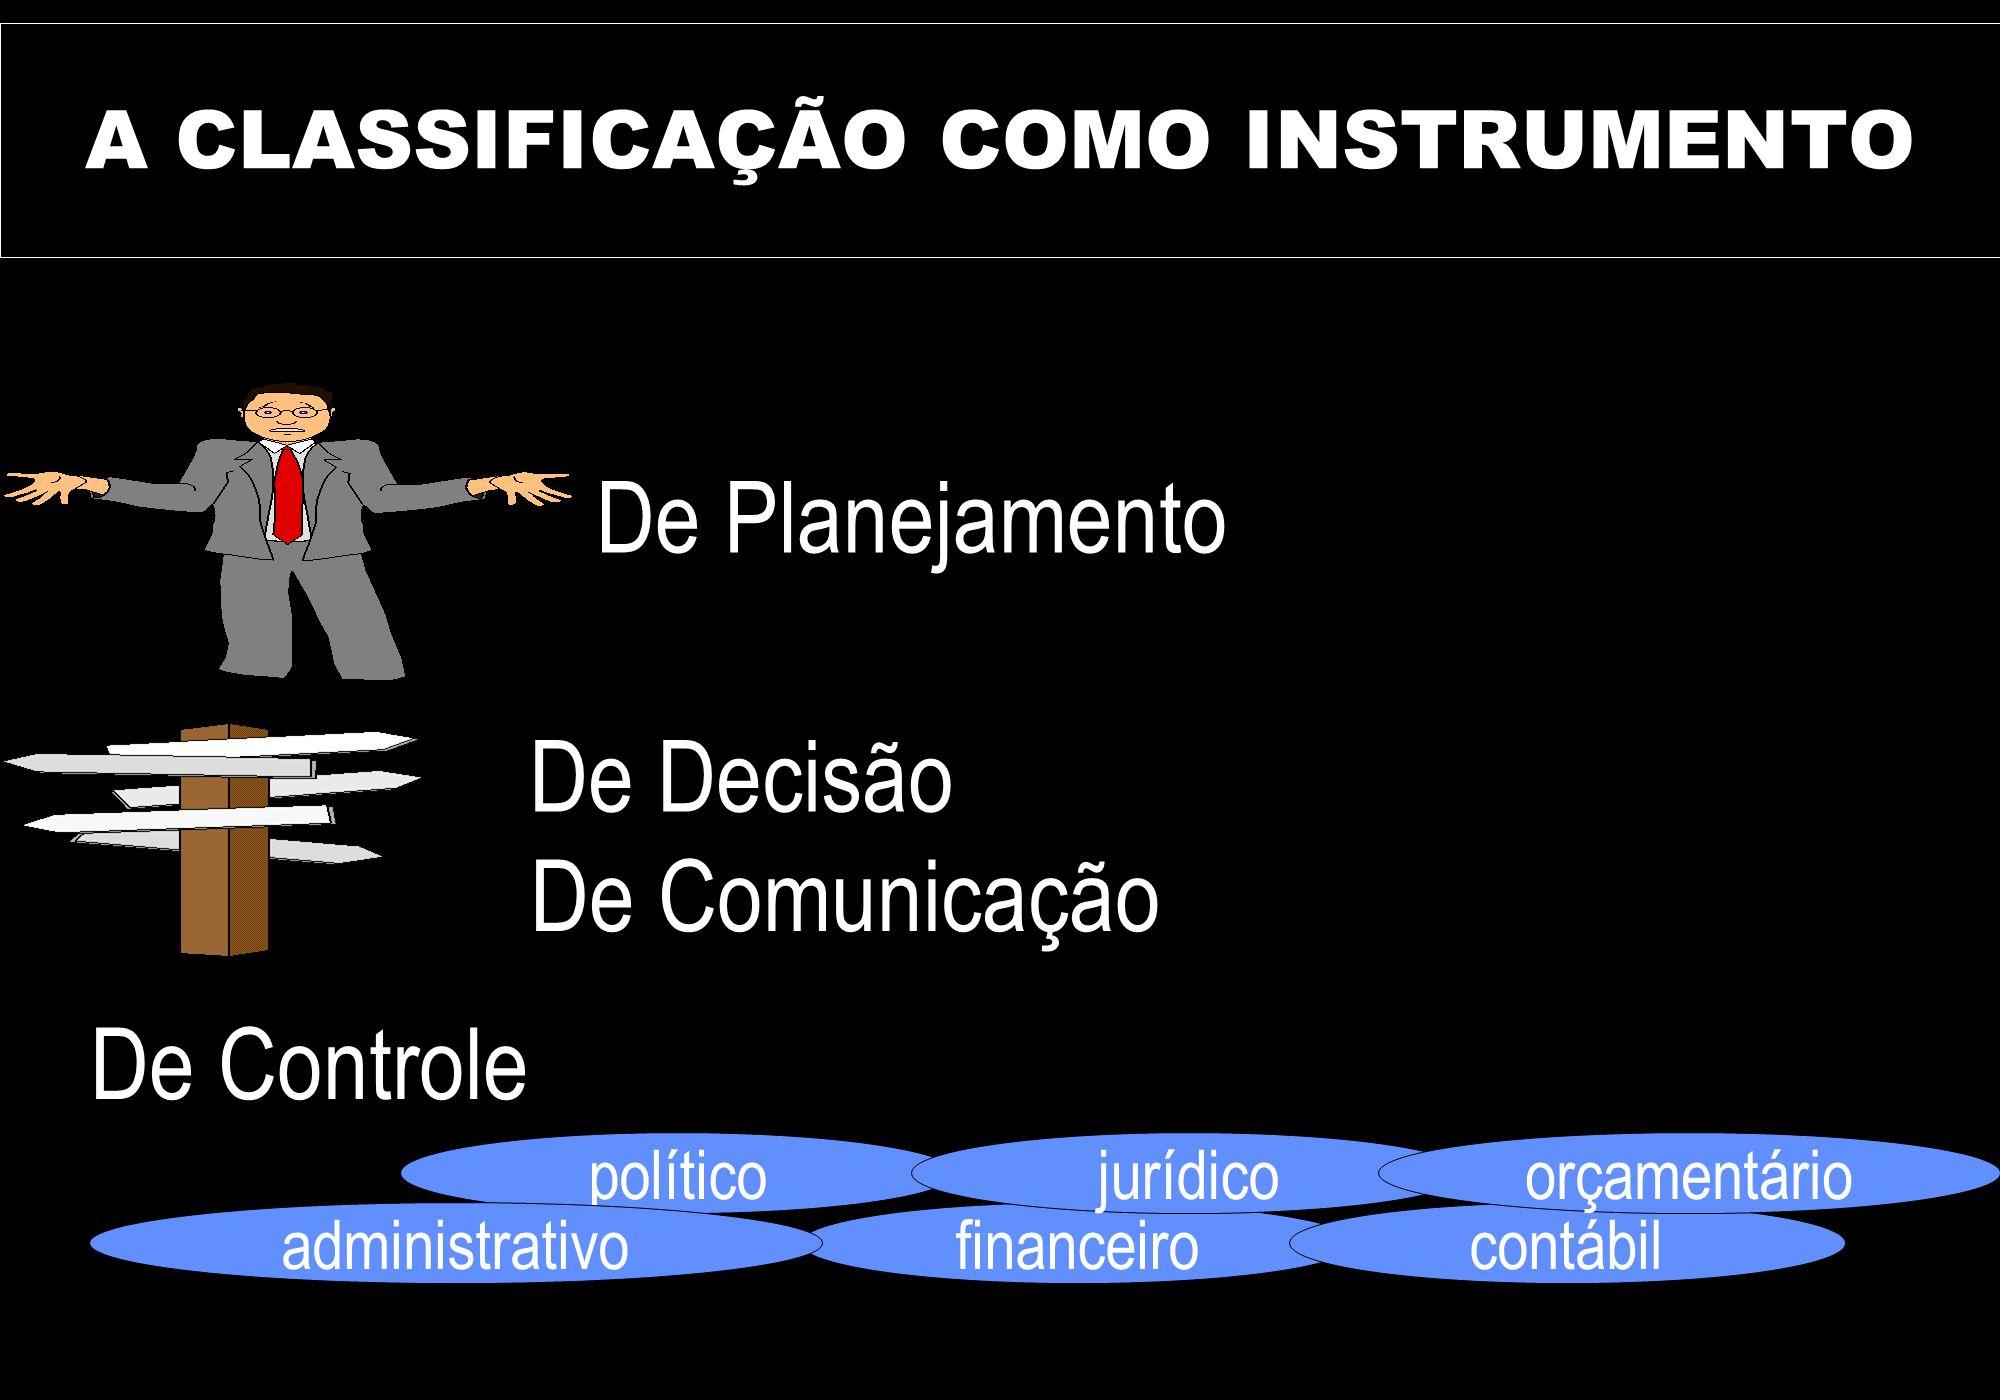 FONTE 03 TRANSFERÊNCIAS DO IR AOS MUNICÍPIOS - COMPENSAÇÃO FEF 1,56% de 1 o /07 a 31/12/97; 1,875% em 98; 2,5% em 99 (extinta) FONTE 02 IMPOSTO TERRITORIAL RURAL FONTE 02 = 50,0% do ITR CLASSIFICAÇÃO DAS RECEITAS PÚBLICAS COMPOSIÇÃO DE ALGUMAS FONTES CLASSIFICAÇÃO DAS RECEITAS PÚBLICAS COMPOSIÇÃO DE ALGUMAS FONTES